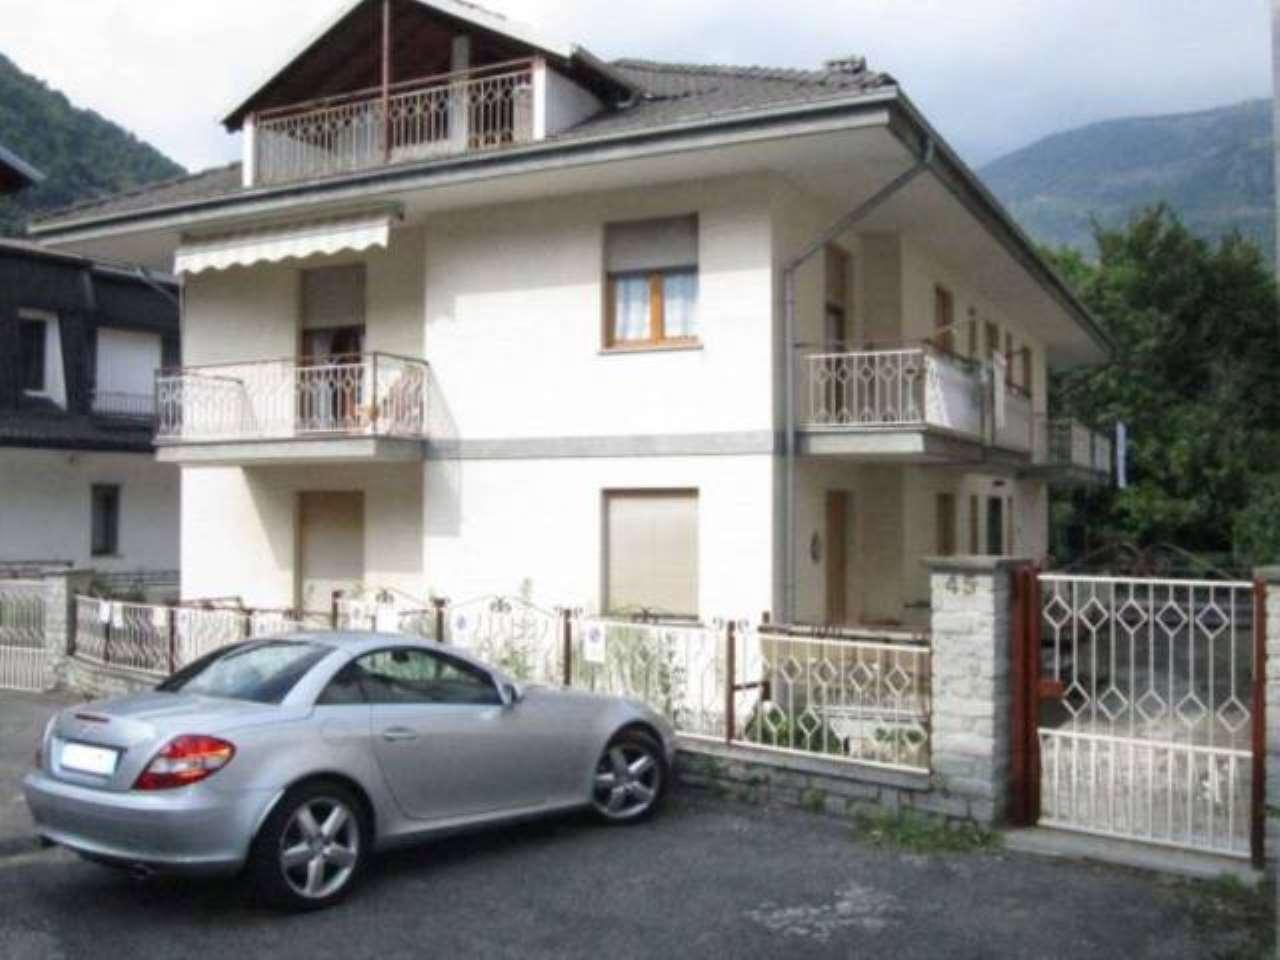 Appartamento in vendita a Ceres, 3 locali, prezzo € 85.000 | CambioCasa.it